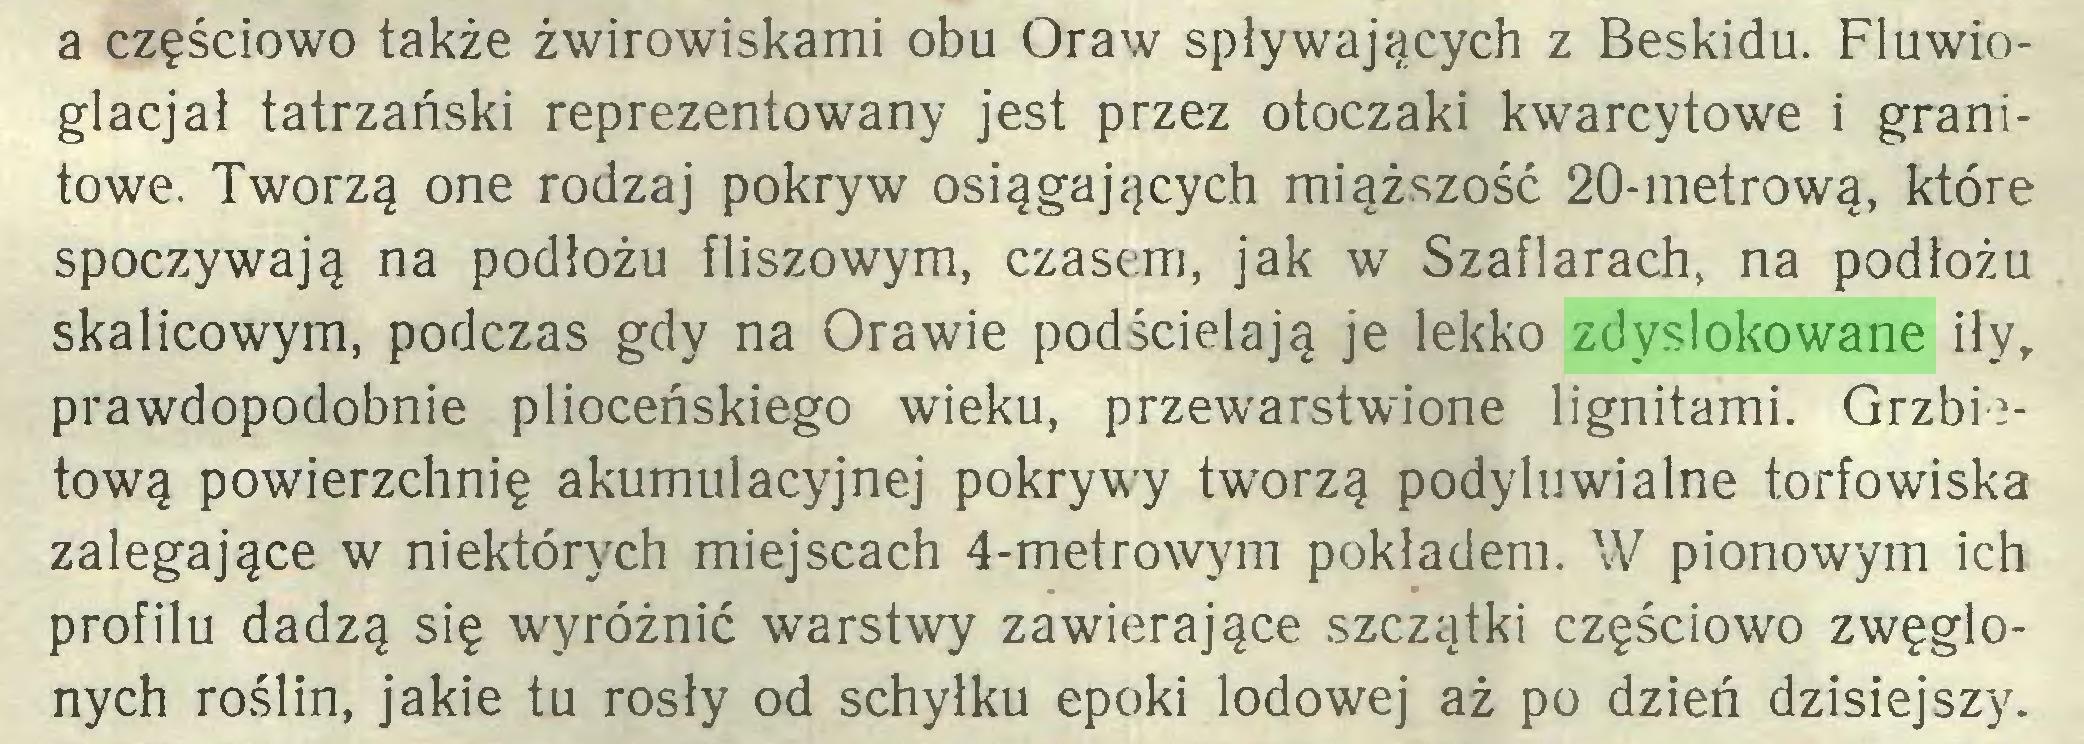 (...) a częściowo także żwirowiskami obu Oraw spływających z Beskidu. Fluwioglacjał tatrzański reprezentowany jest przez otoczaki kwarcytowe i granitowe. Tworzą one rodzaj pokryw osiągających miąższość 20-metrową, które spoczywają na podłożu fliszowym, czasem, jak w Szaflarach, na podłożu skalicowym, podczas gdy na Orawie podścielają je lekko zdyslokowane iły, prawdopodobnie plioceńskiego wieku, przewarstwione lignitami. Grzbietową powierzchnię akumulacyjnej pokrywy tworzą podyluwialne torfowiska zalegające w niektórych miejscach 4-metrowym pokładem. W pionowym ich profilu dadzą się wyróżnić warstwy zawierające szczątki częściowo zwęglonych roślin, jakie tu rosły od schyłku epoki lodowej aż po dzień dzisiejszy...